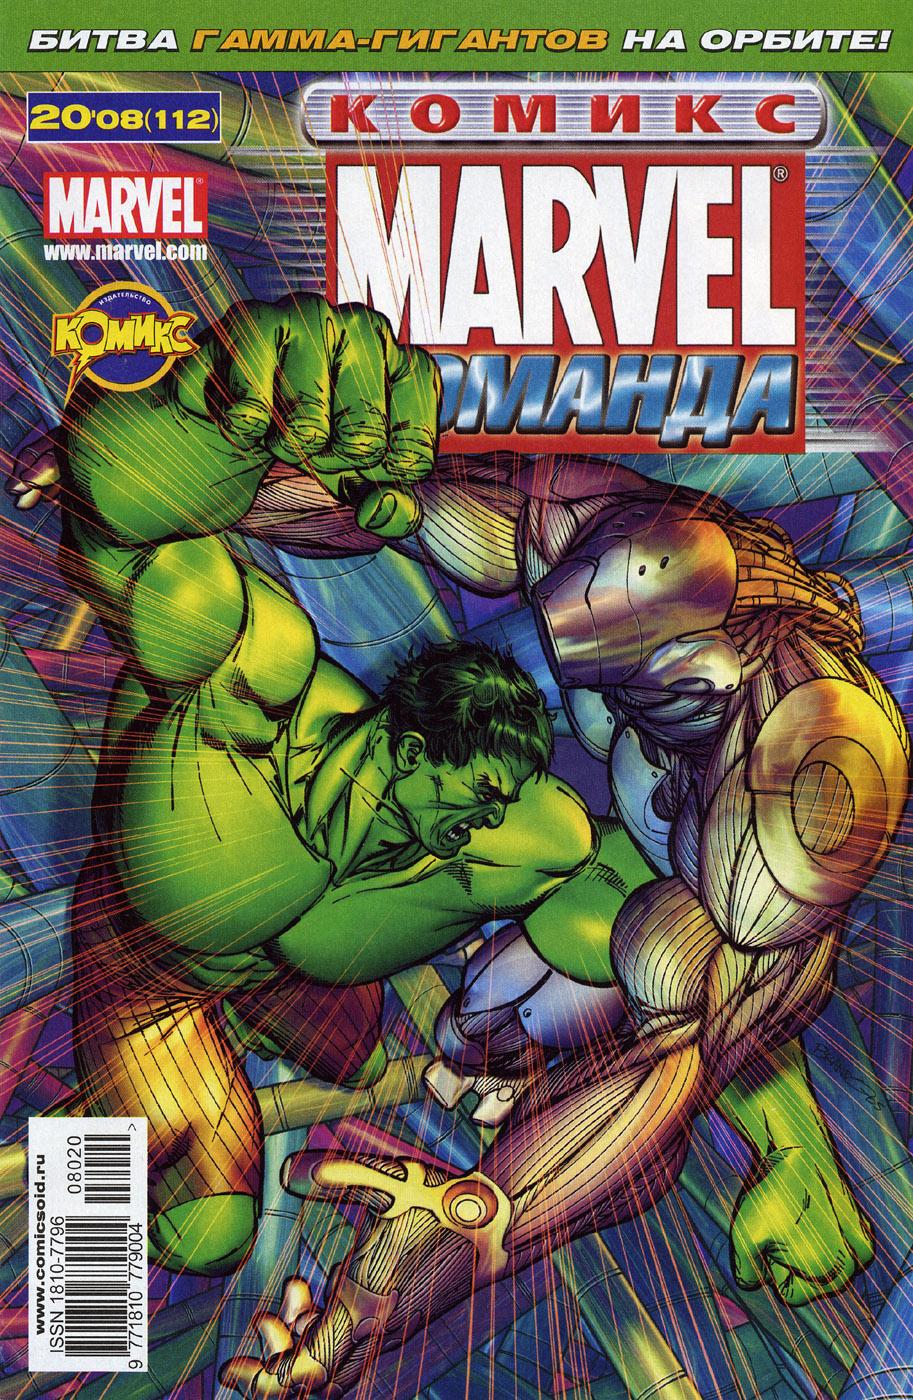 Комиксы Онлайн - Марвел Команда ИДК - # 91 - Страница №1 - Marvel Команда ИДК - Marvel Команда # 112